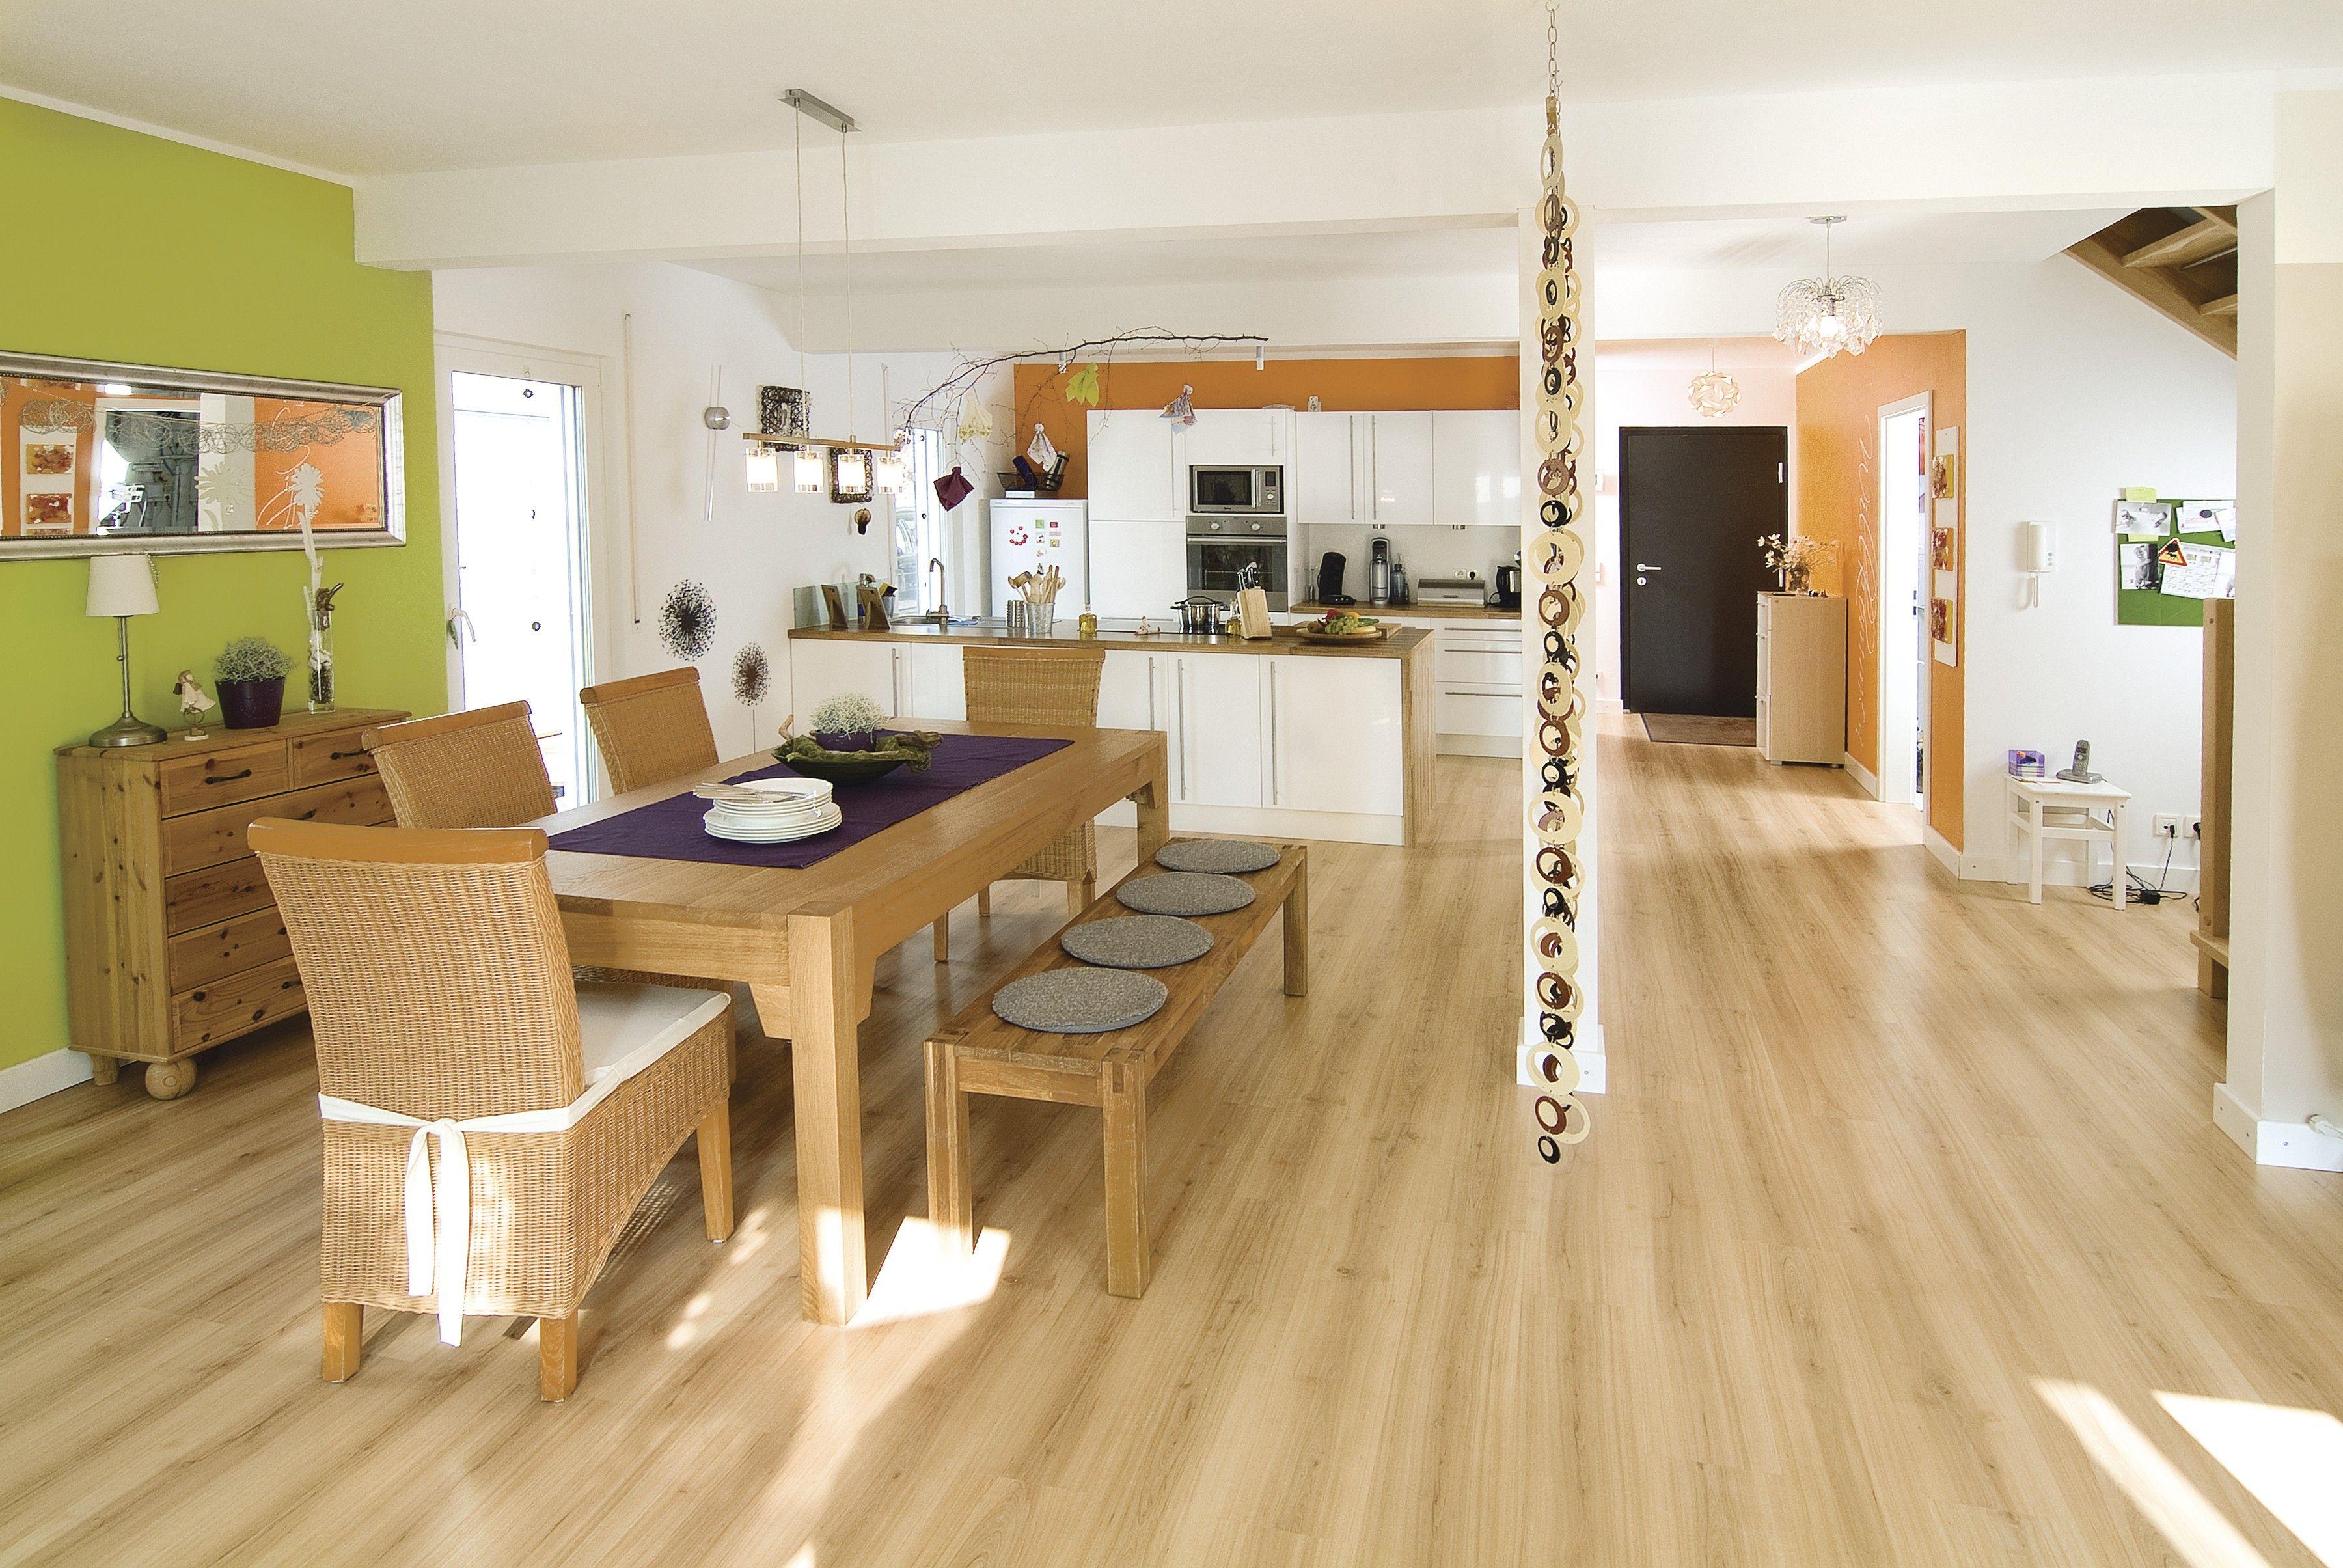 Küchenideen stein weberhaus fertigbauweise fertighaus holzbauweise wohnen bauen